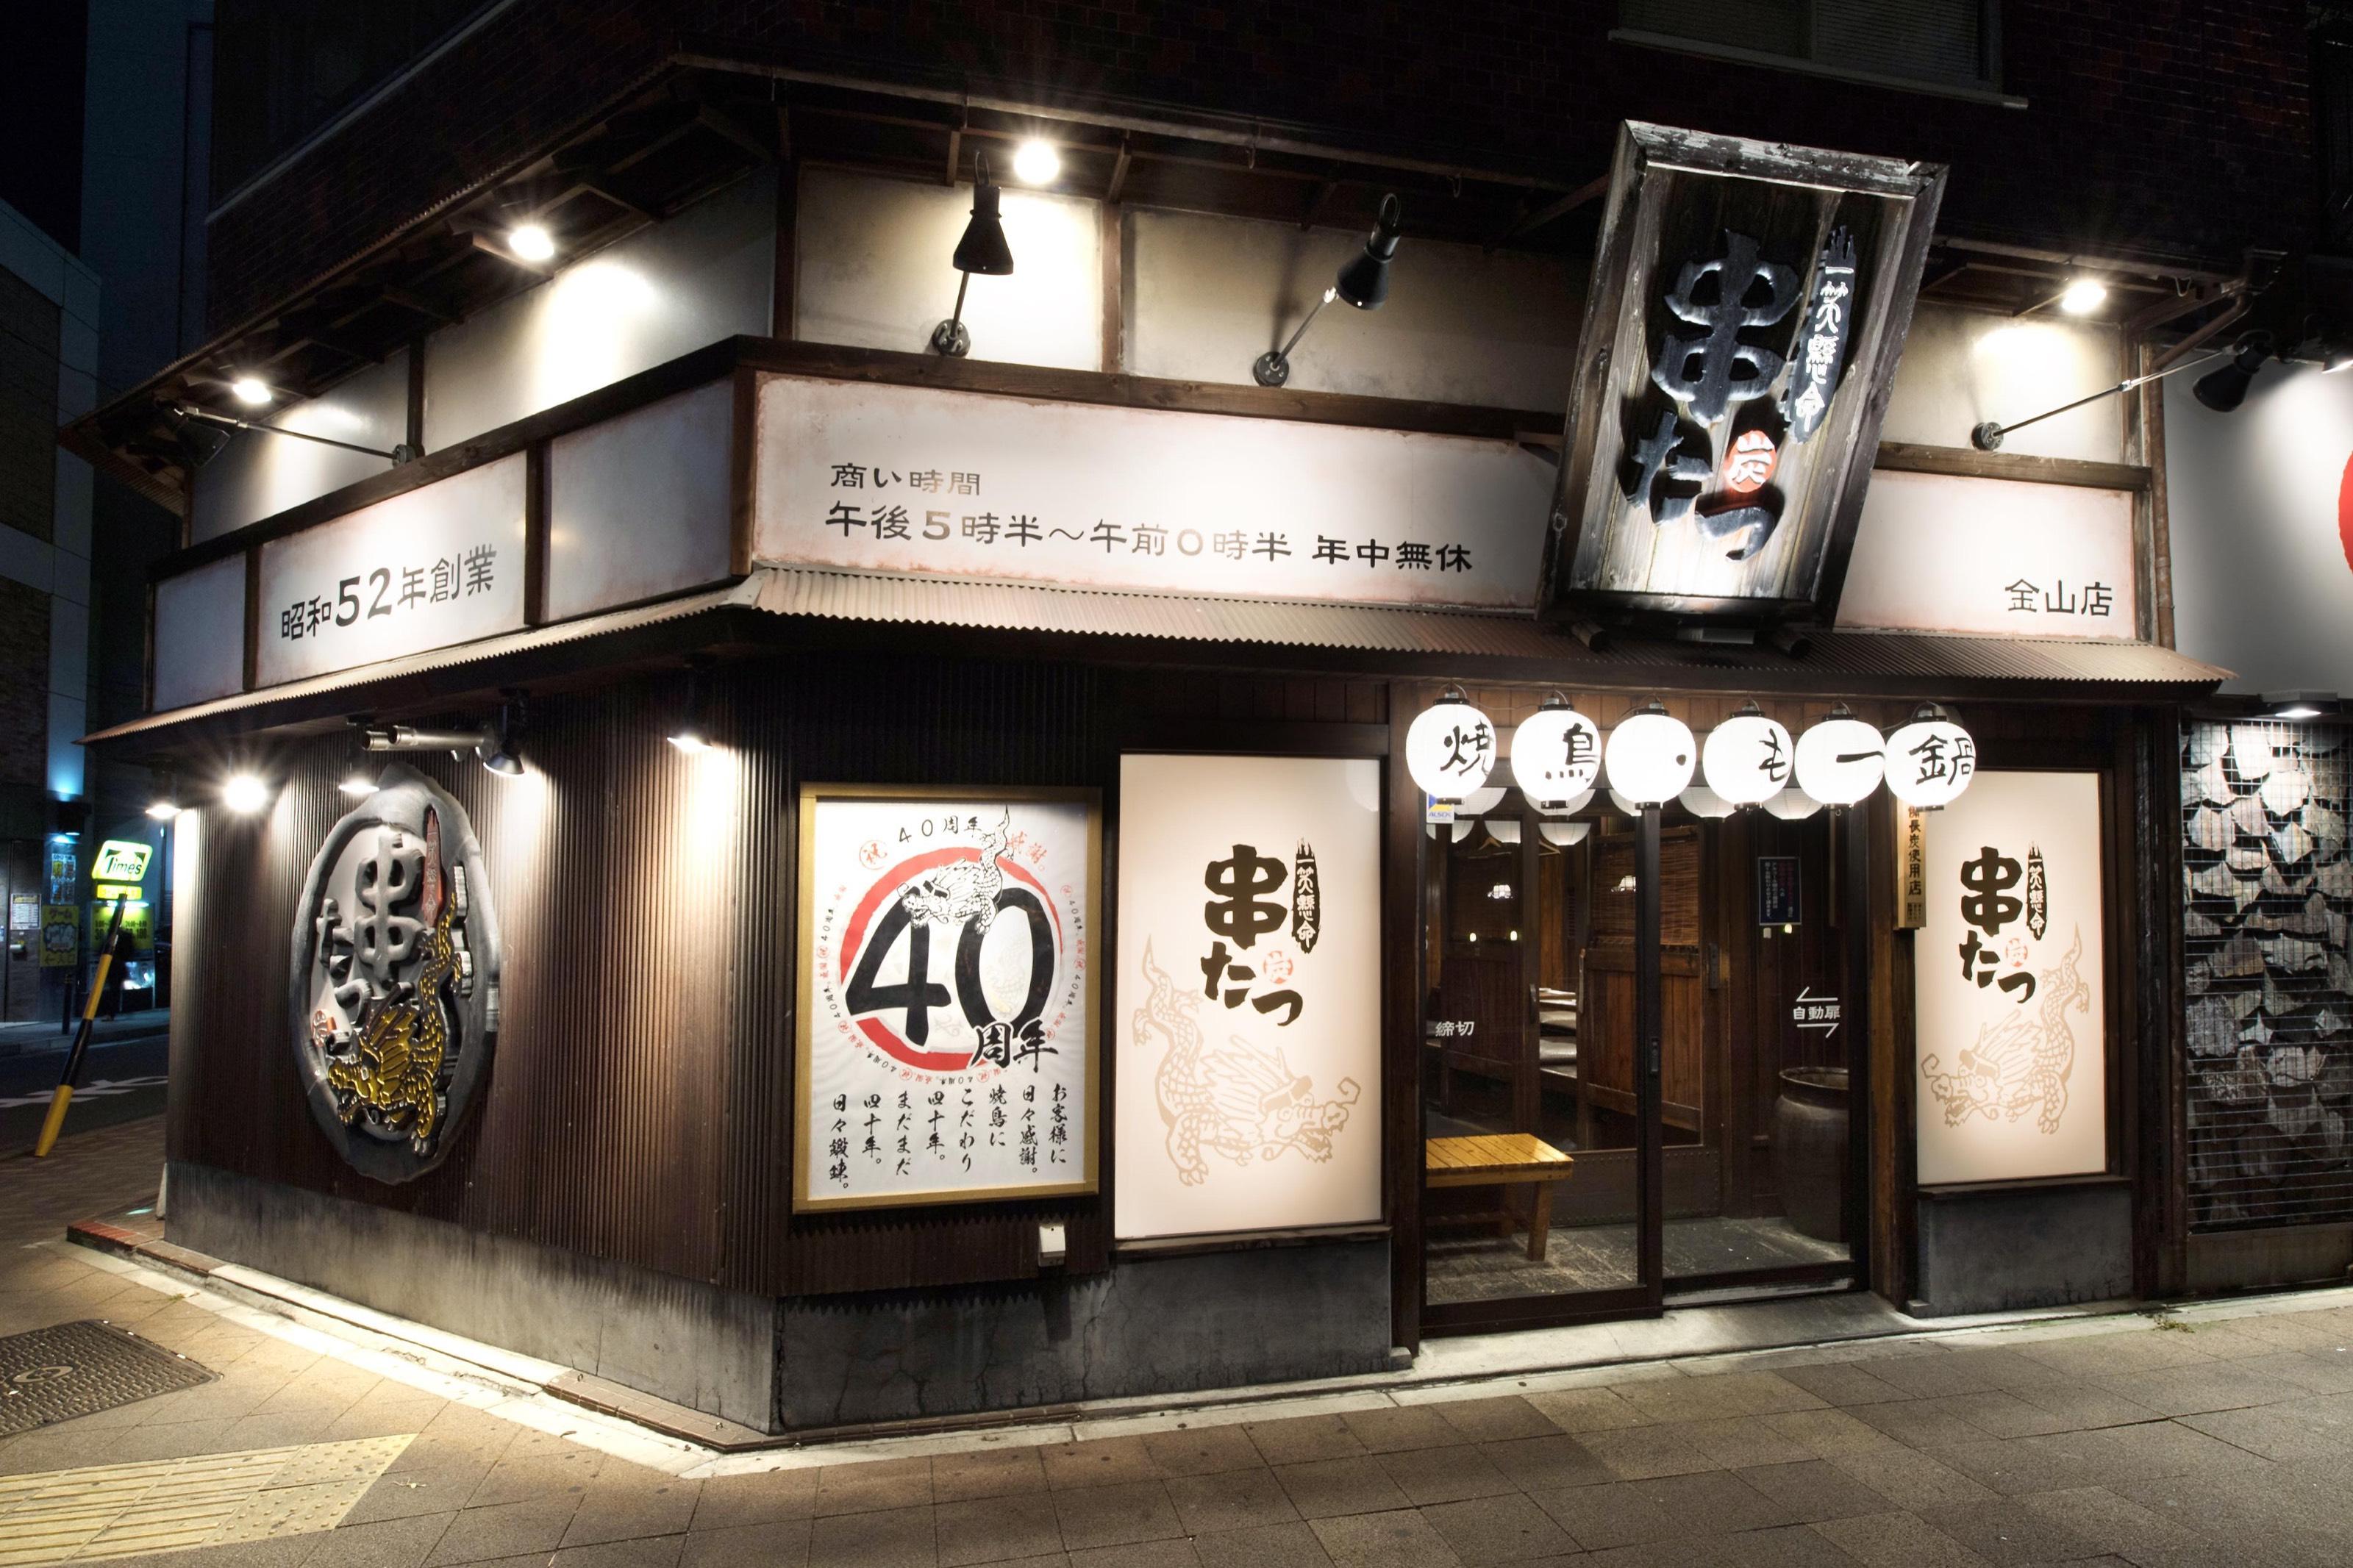 焼鳥・もつ鍋 串たつ金山店